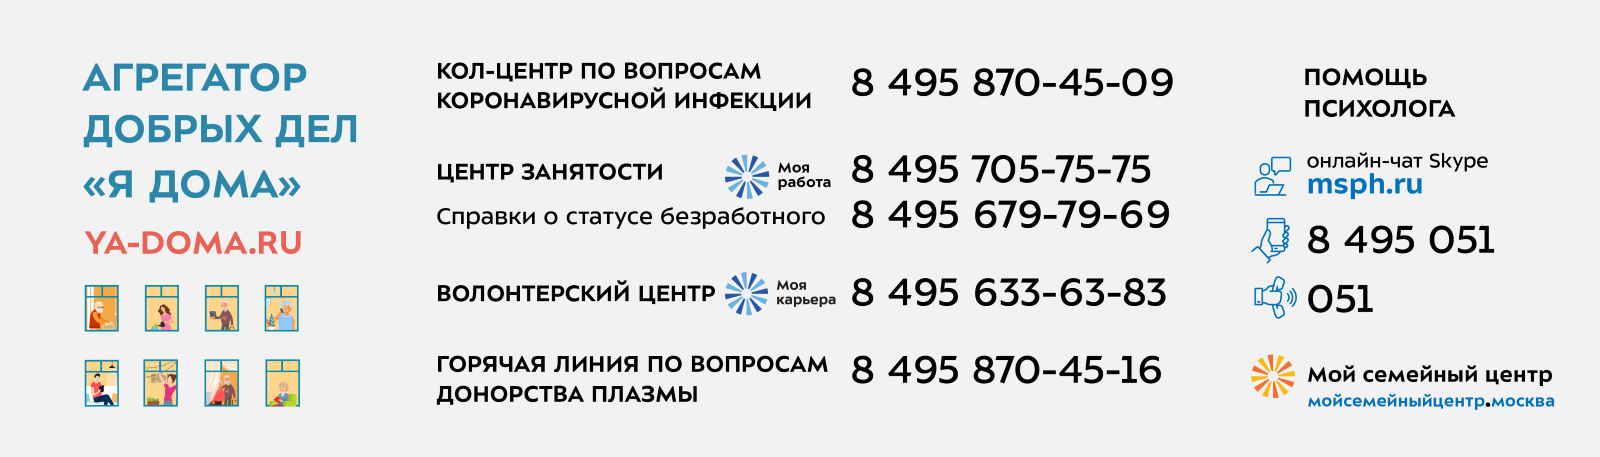 Для москвичей составили инструкцию, как дистанционно переоформить статус малообеспеченной семьи  - Департамент труда и социальной защиты населения города Москвы